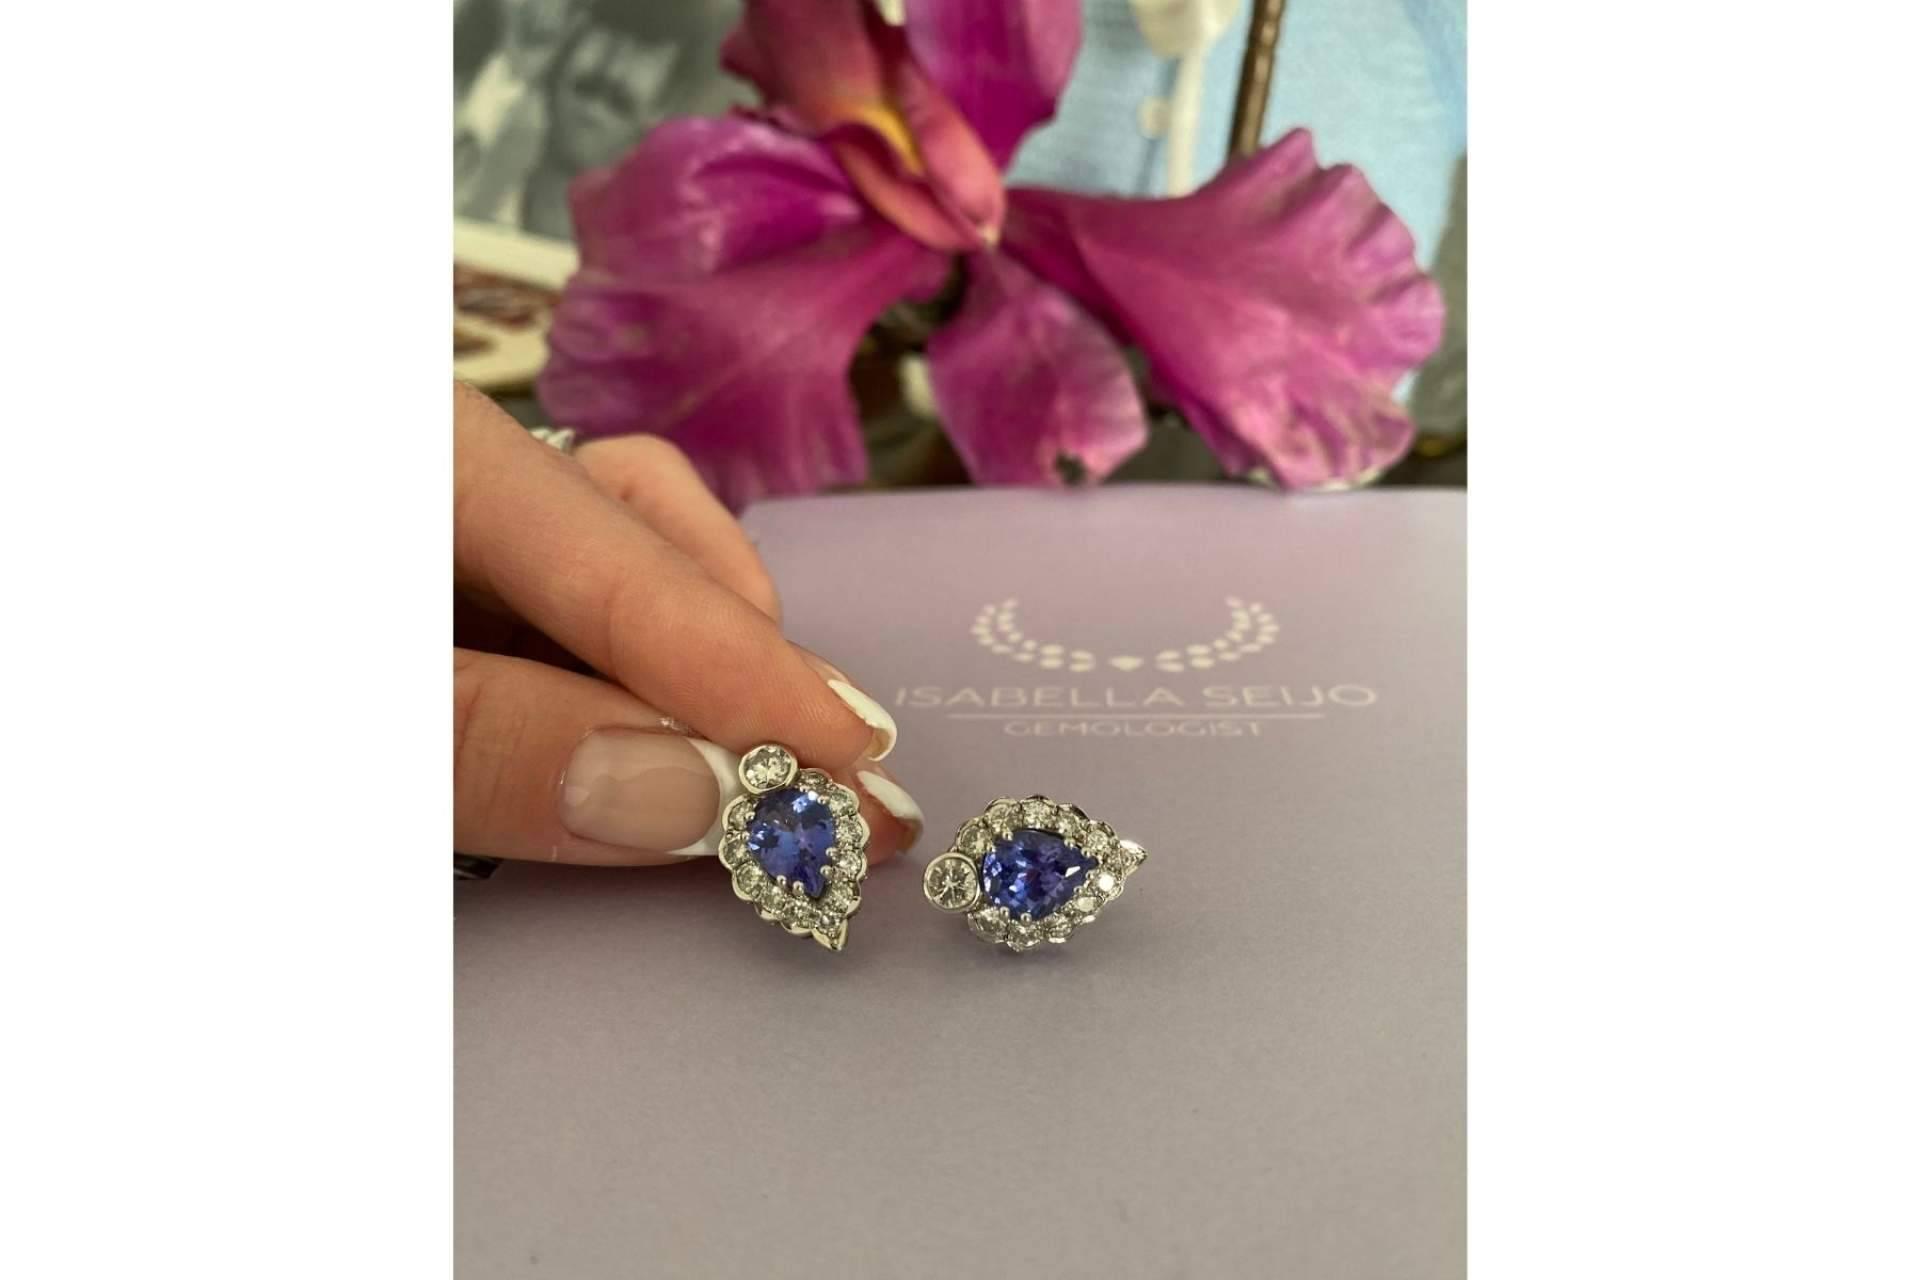 Isabella Seijo, la reconocida gemóloga que confecciona joyas únicas con la gema tanzanita